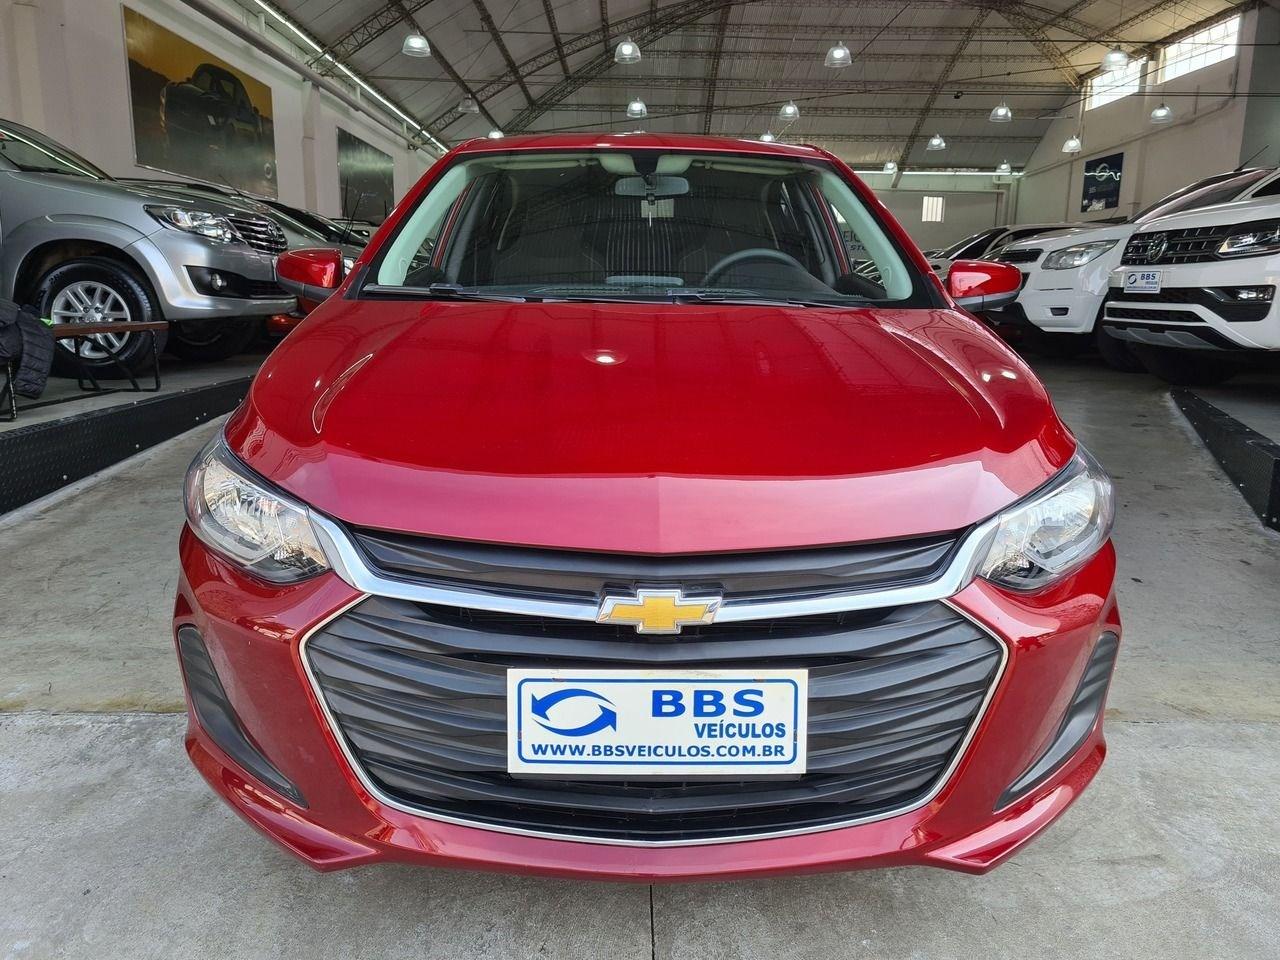 //www.autoline.com.br/carro/chevrolet/onix-10-lt-12v-flex-4p-manual/2020/sao-paulo-sp/15018643